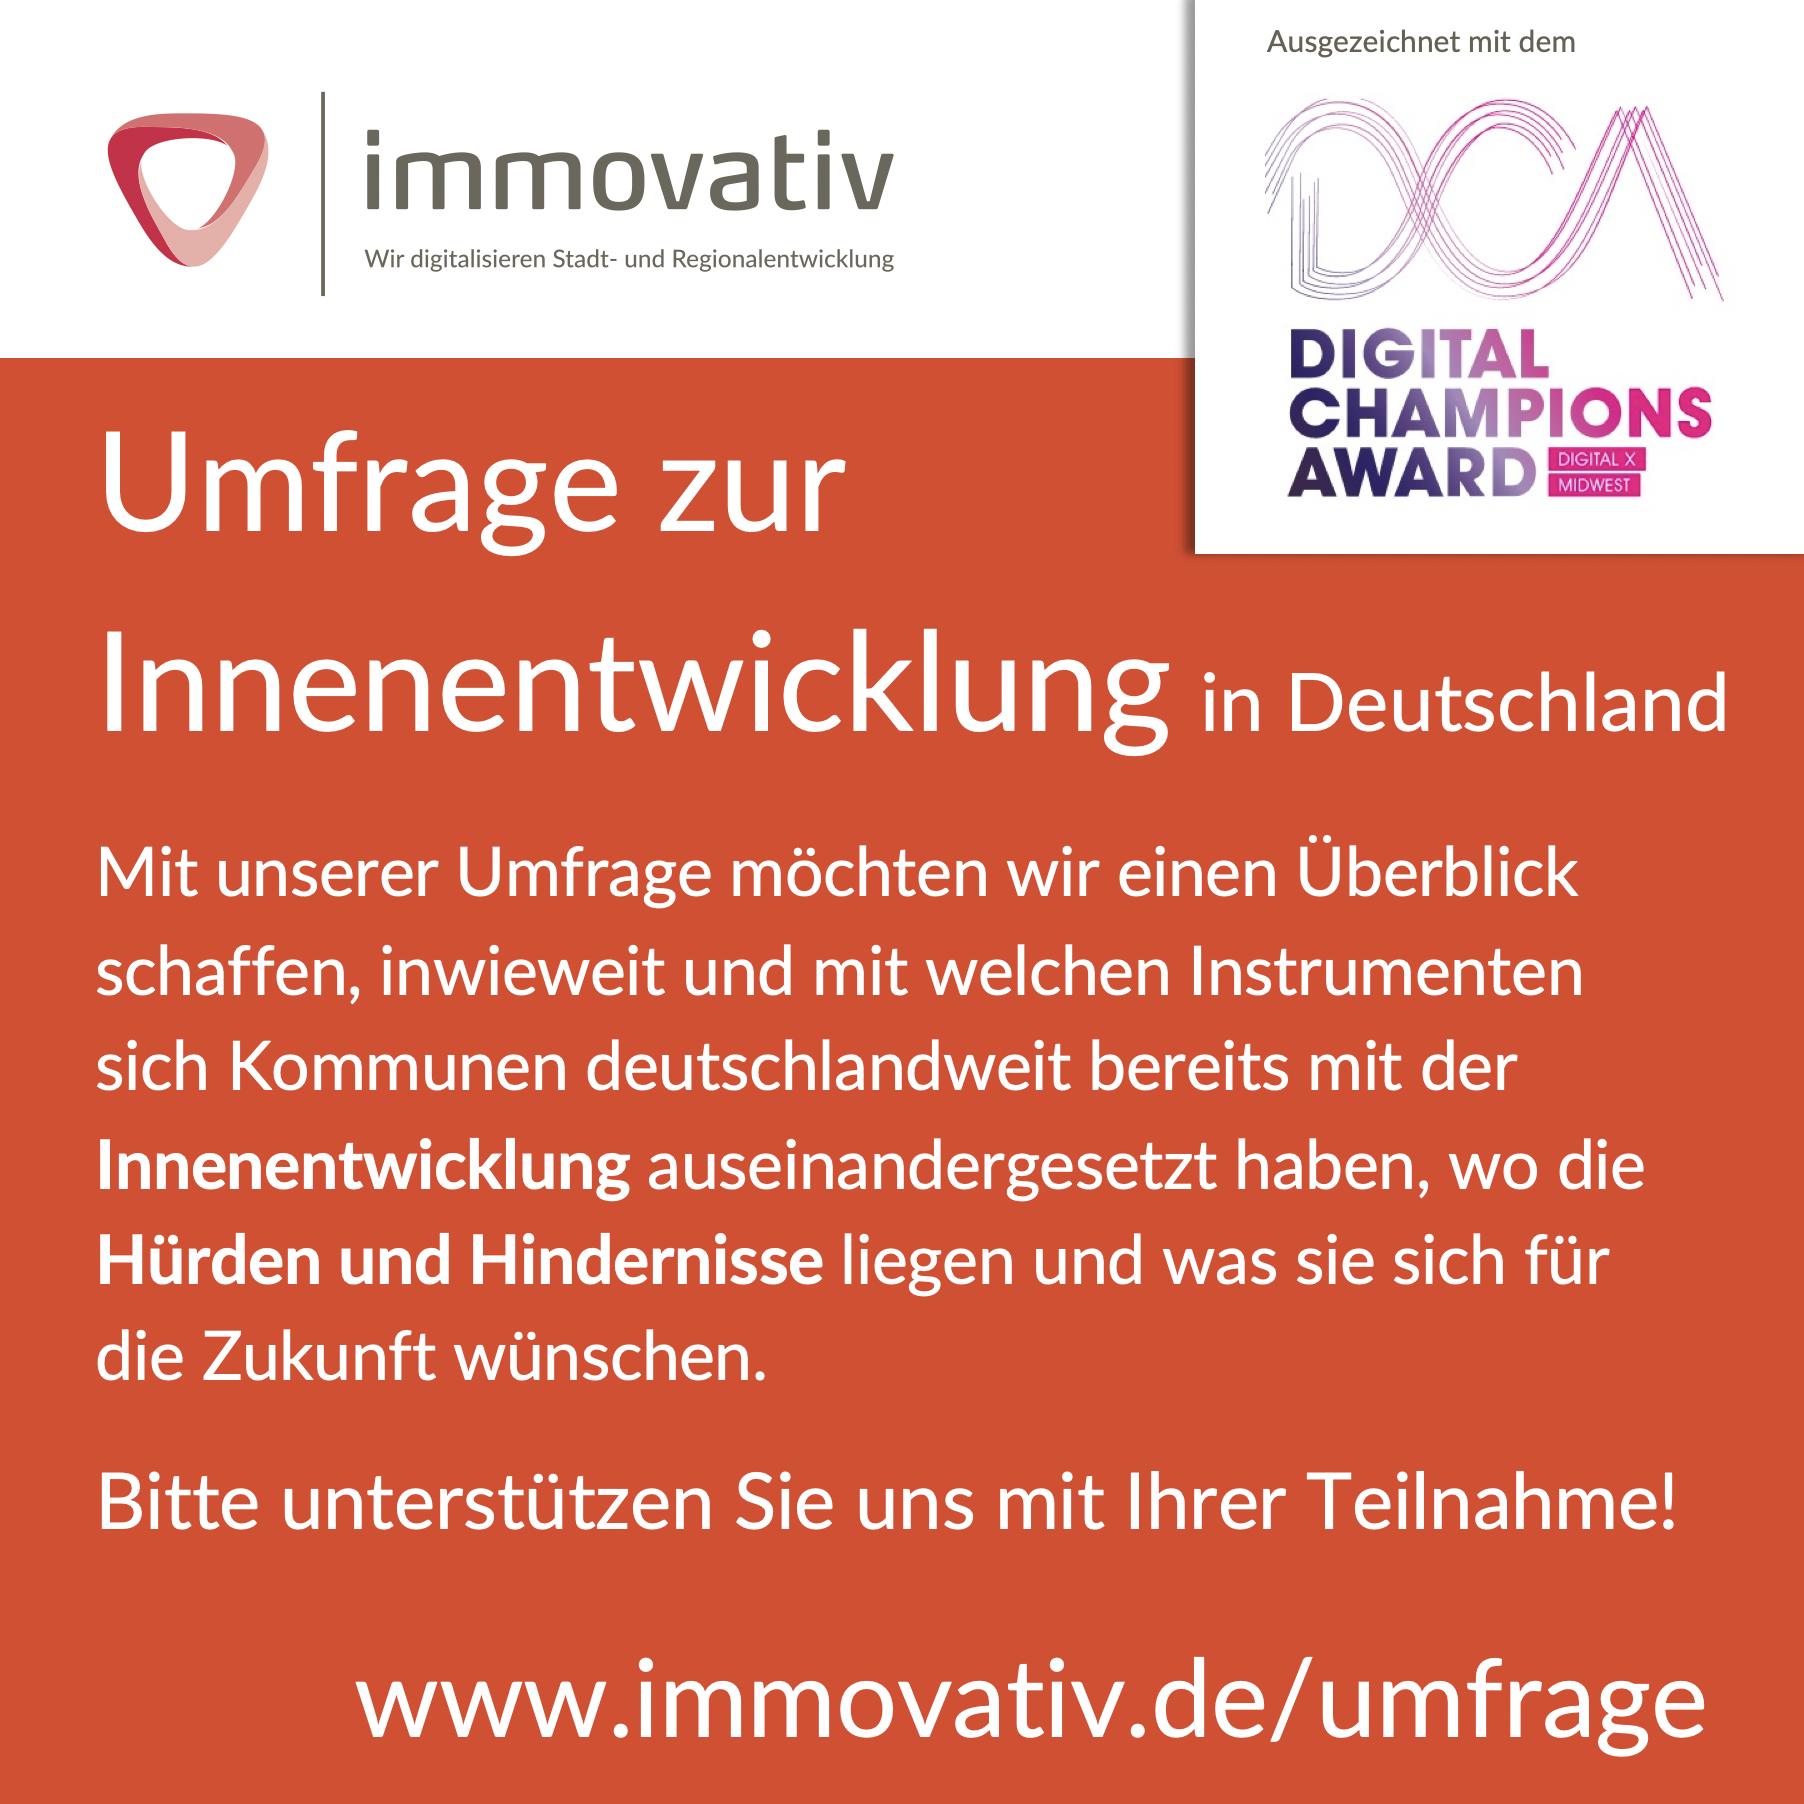 Umfrage zur Innenentwicklung in Deutschland